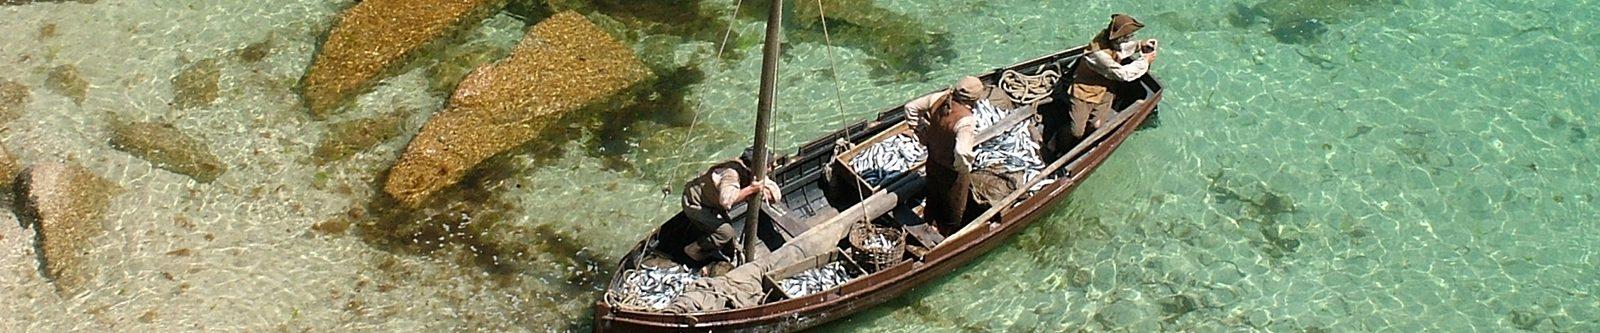 boat scene from Poldark